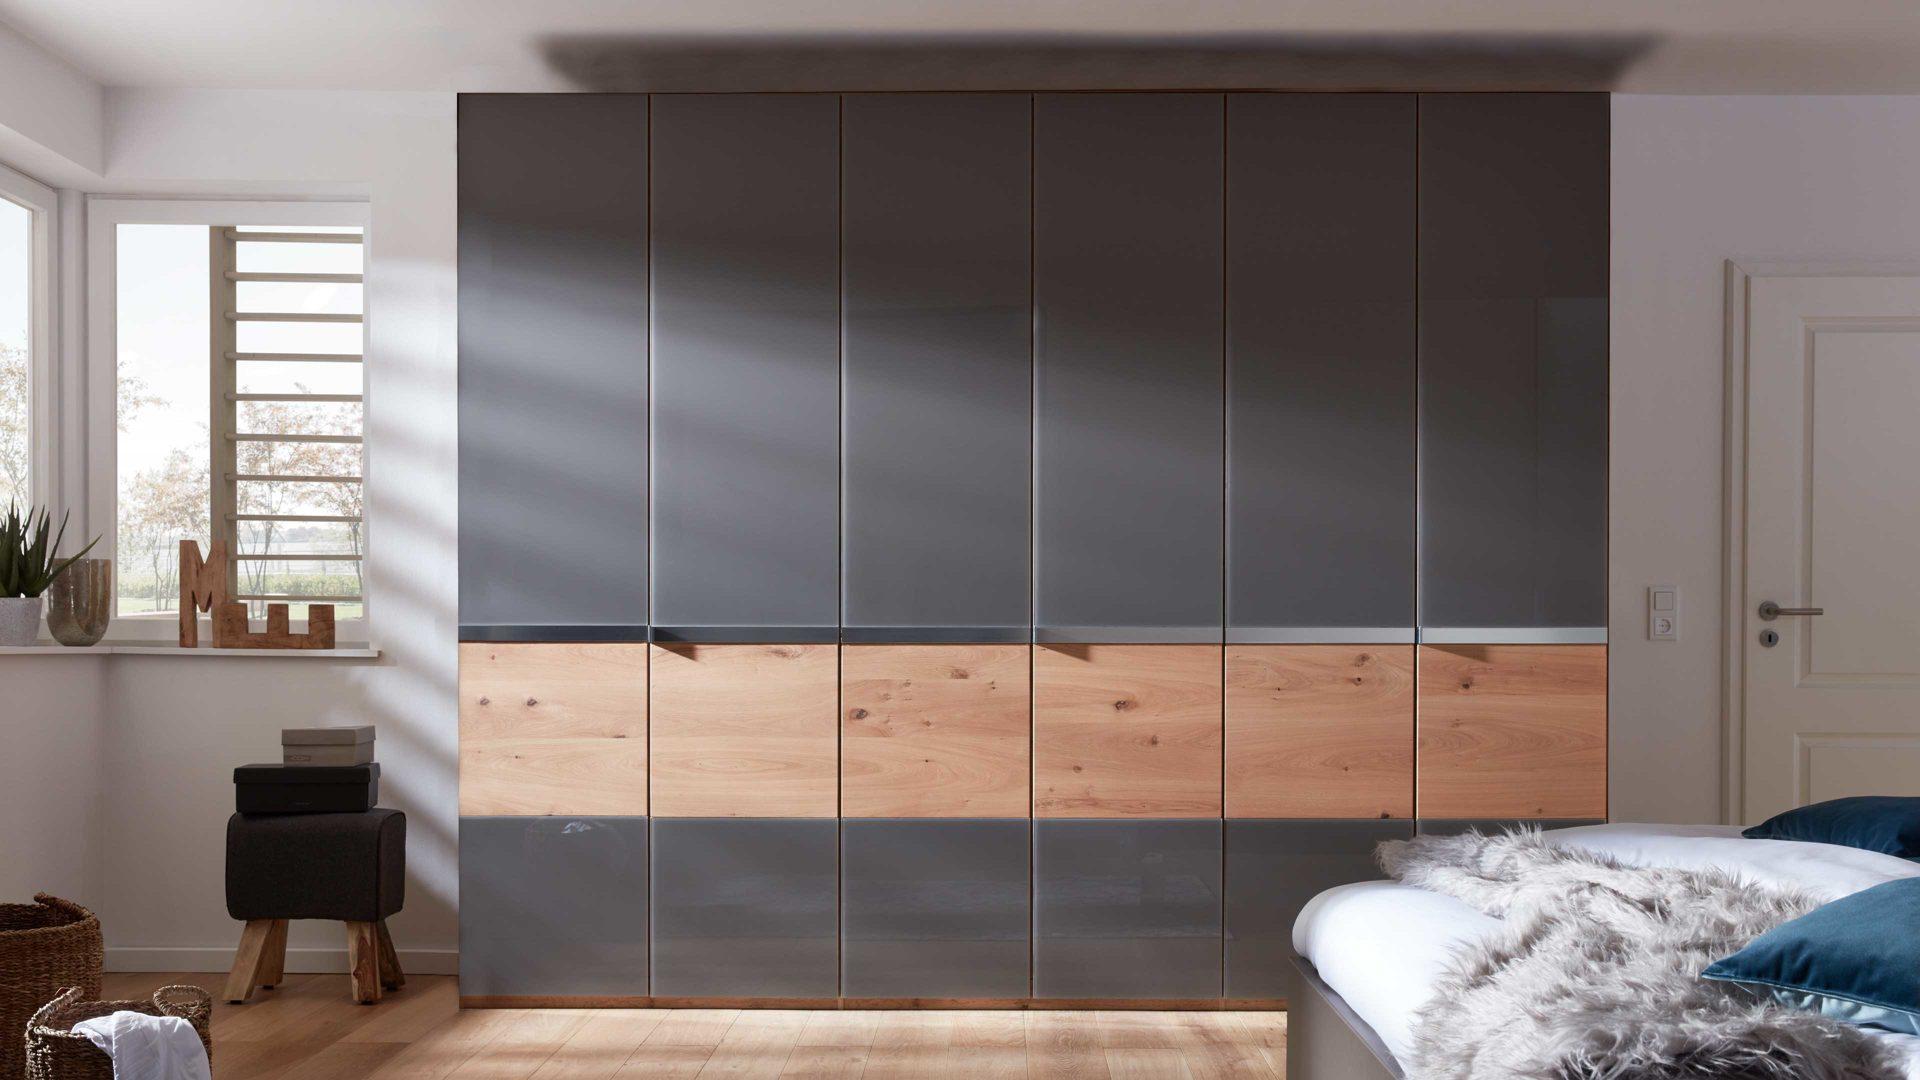 Interliving Schlafzimmer Serie 1202 Kleiderschrank Teilmassive Balkeneiche